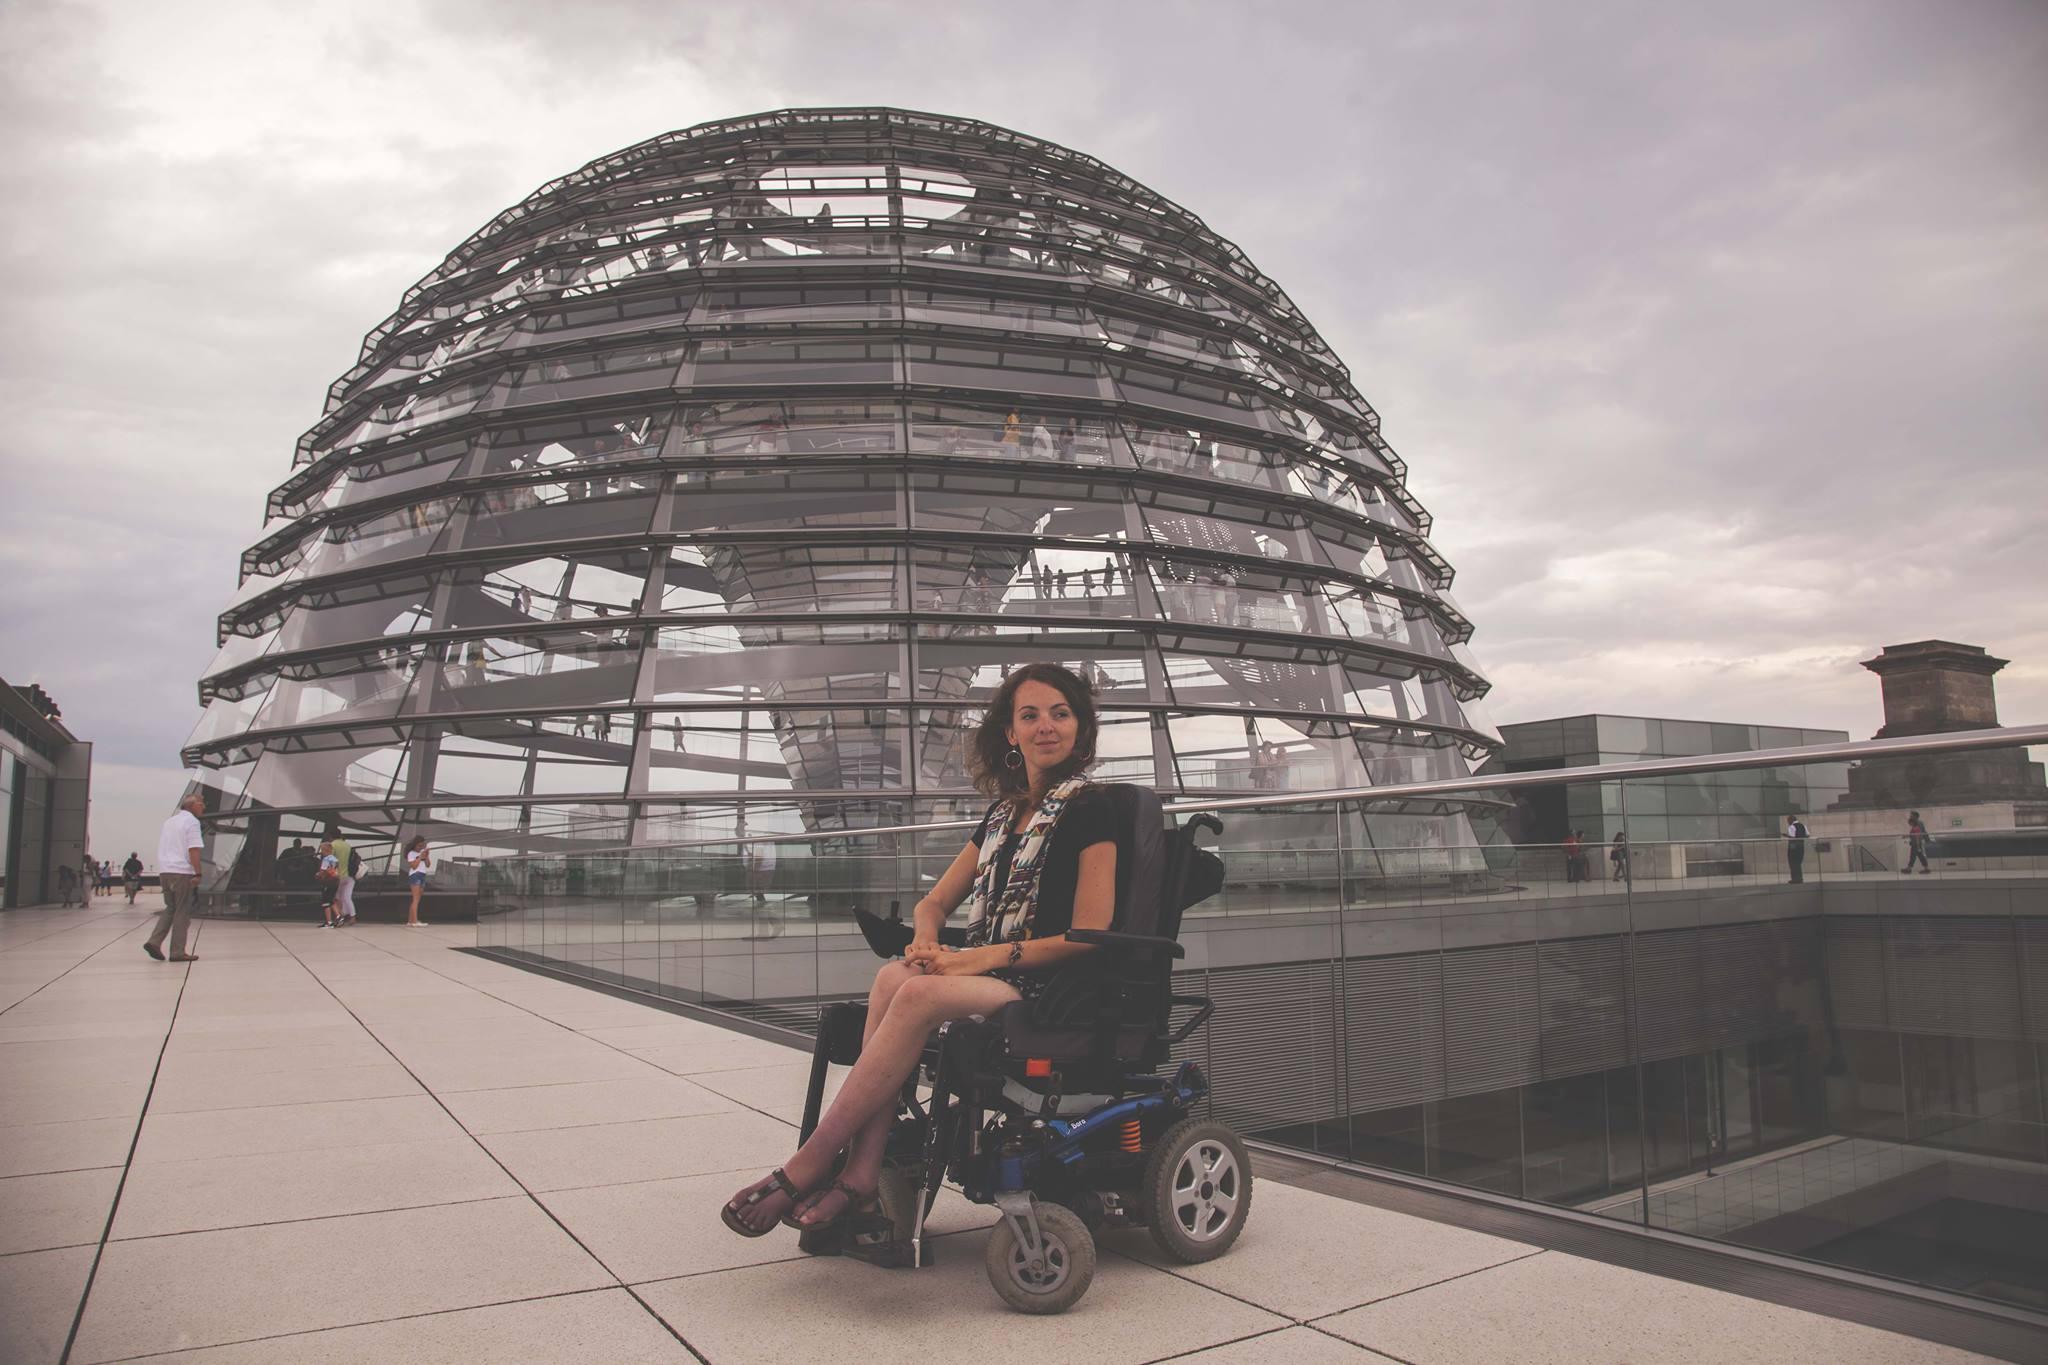 La coupole du Reichstag est accessible en fauteuil roulant.